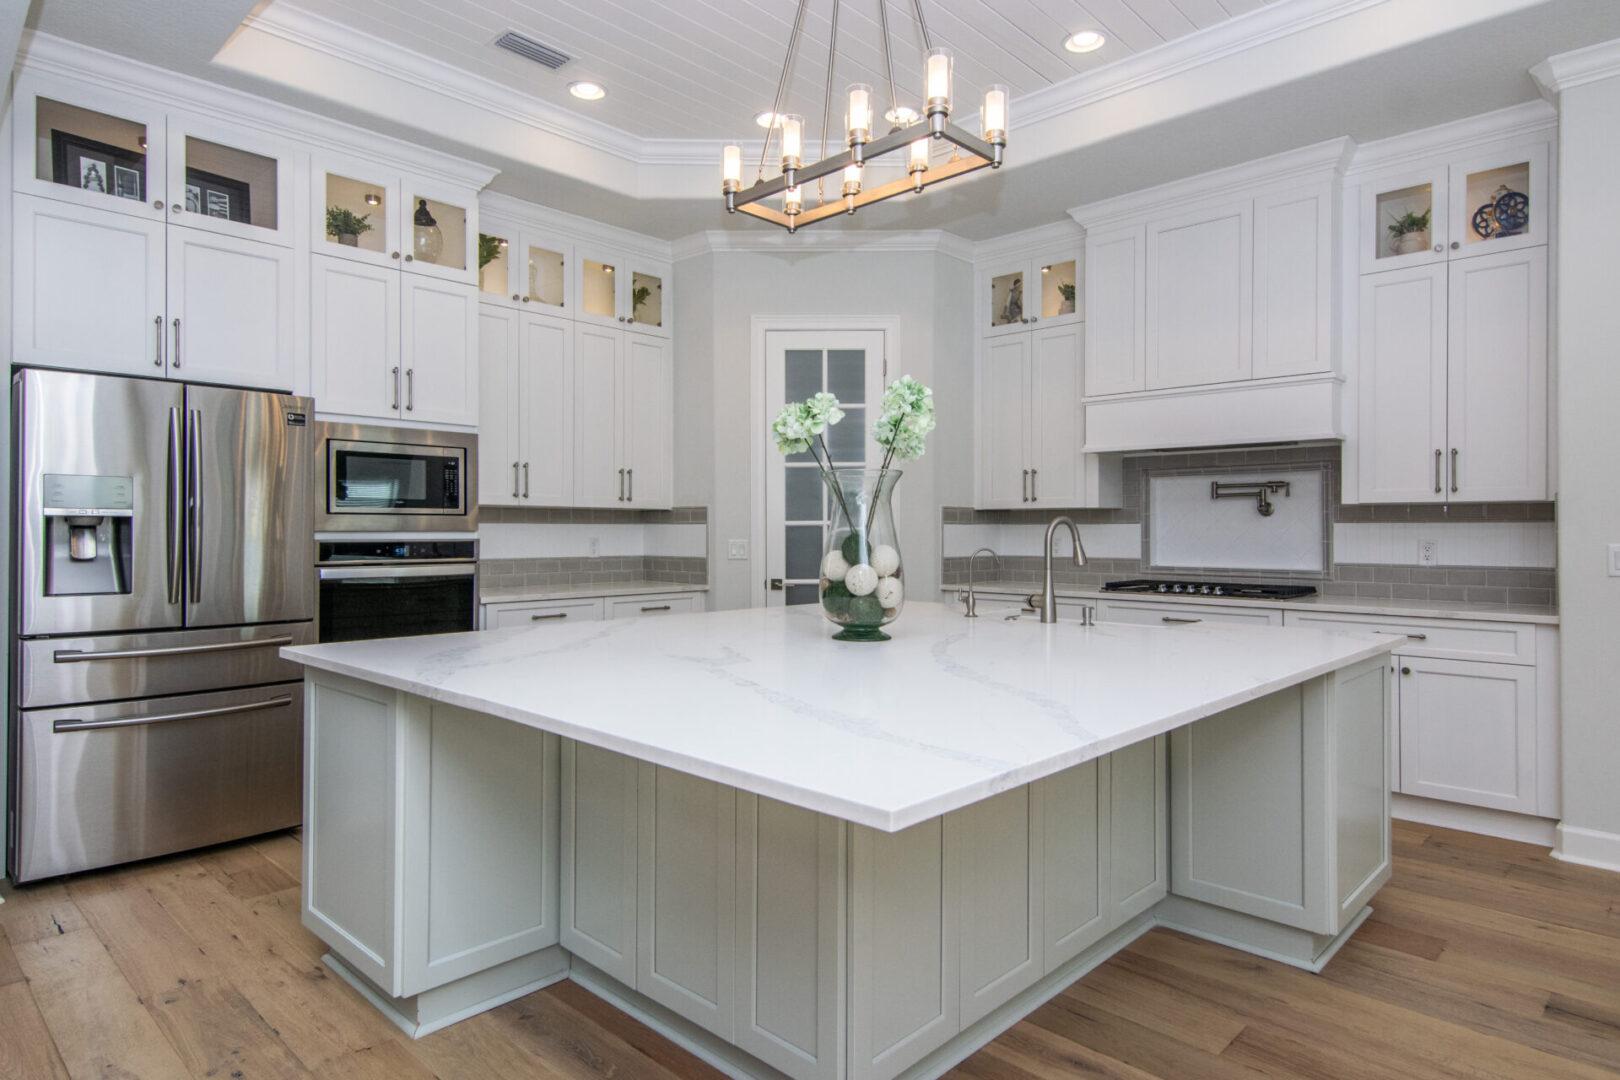 majestic 19-kitchen